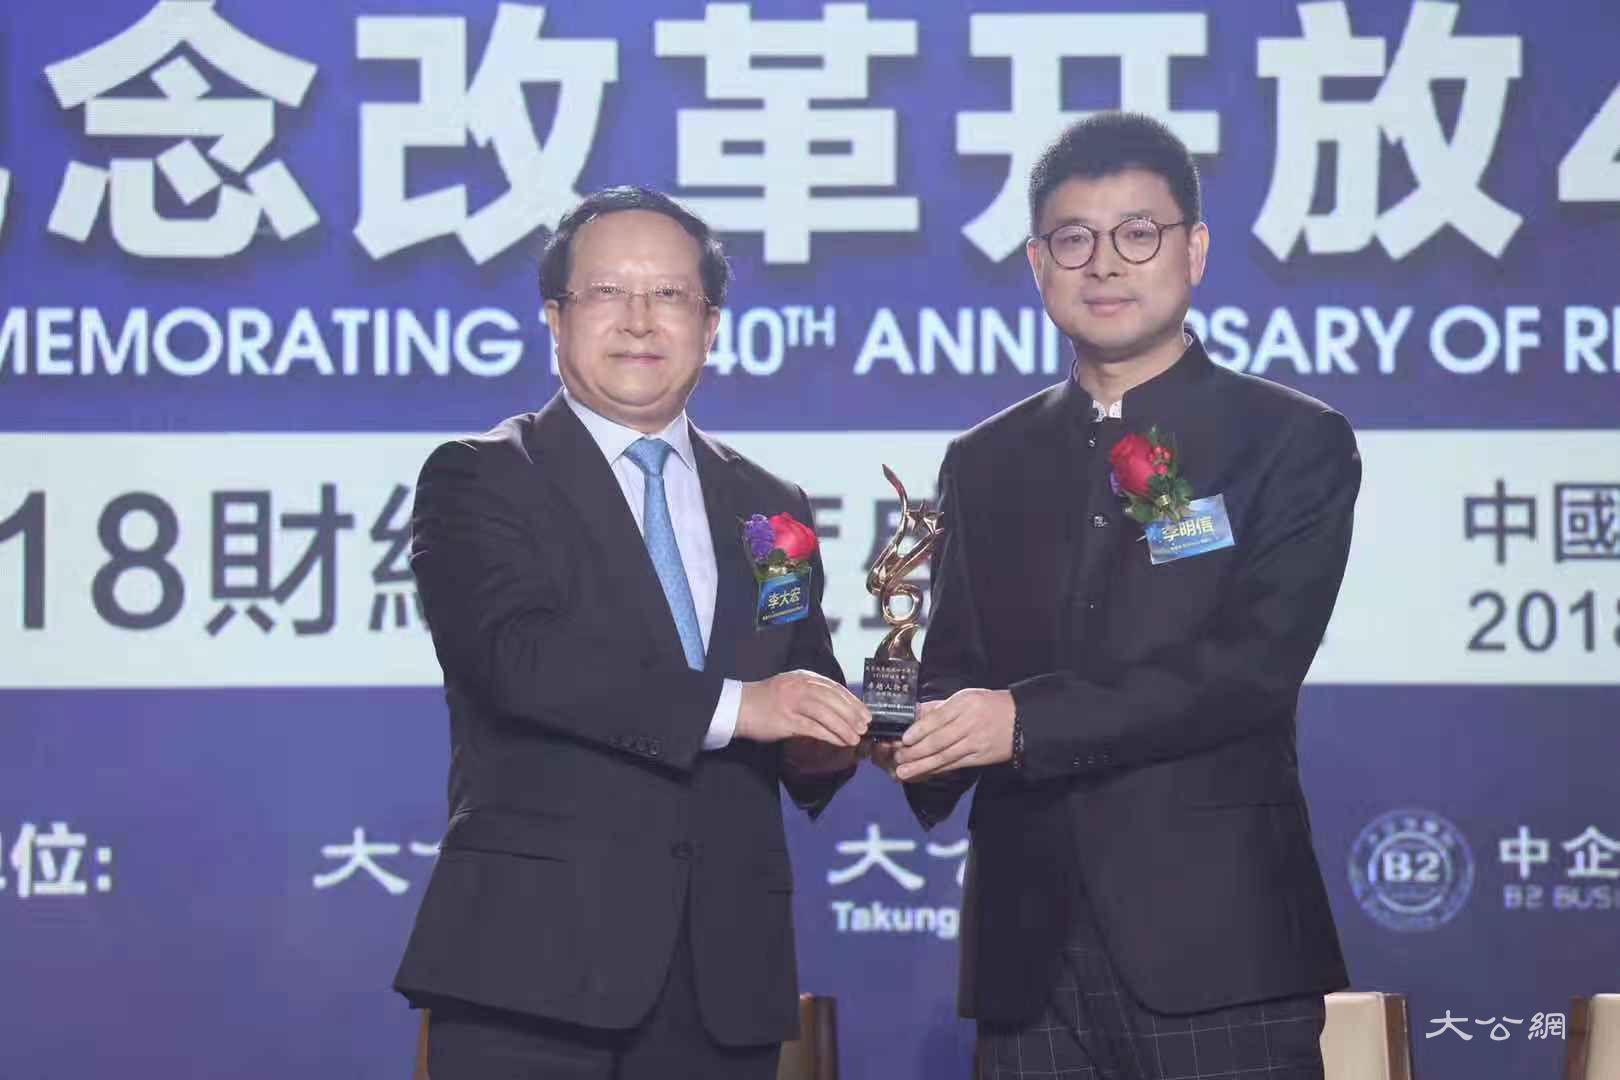 香港大公文汇传媒集团副董事长兼总编辑李大宏为李明信颁奖